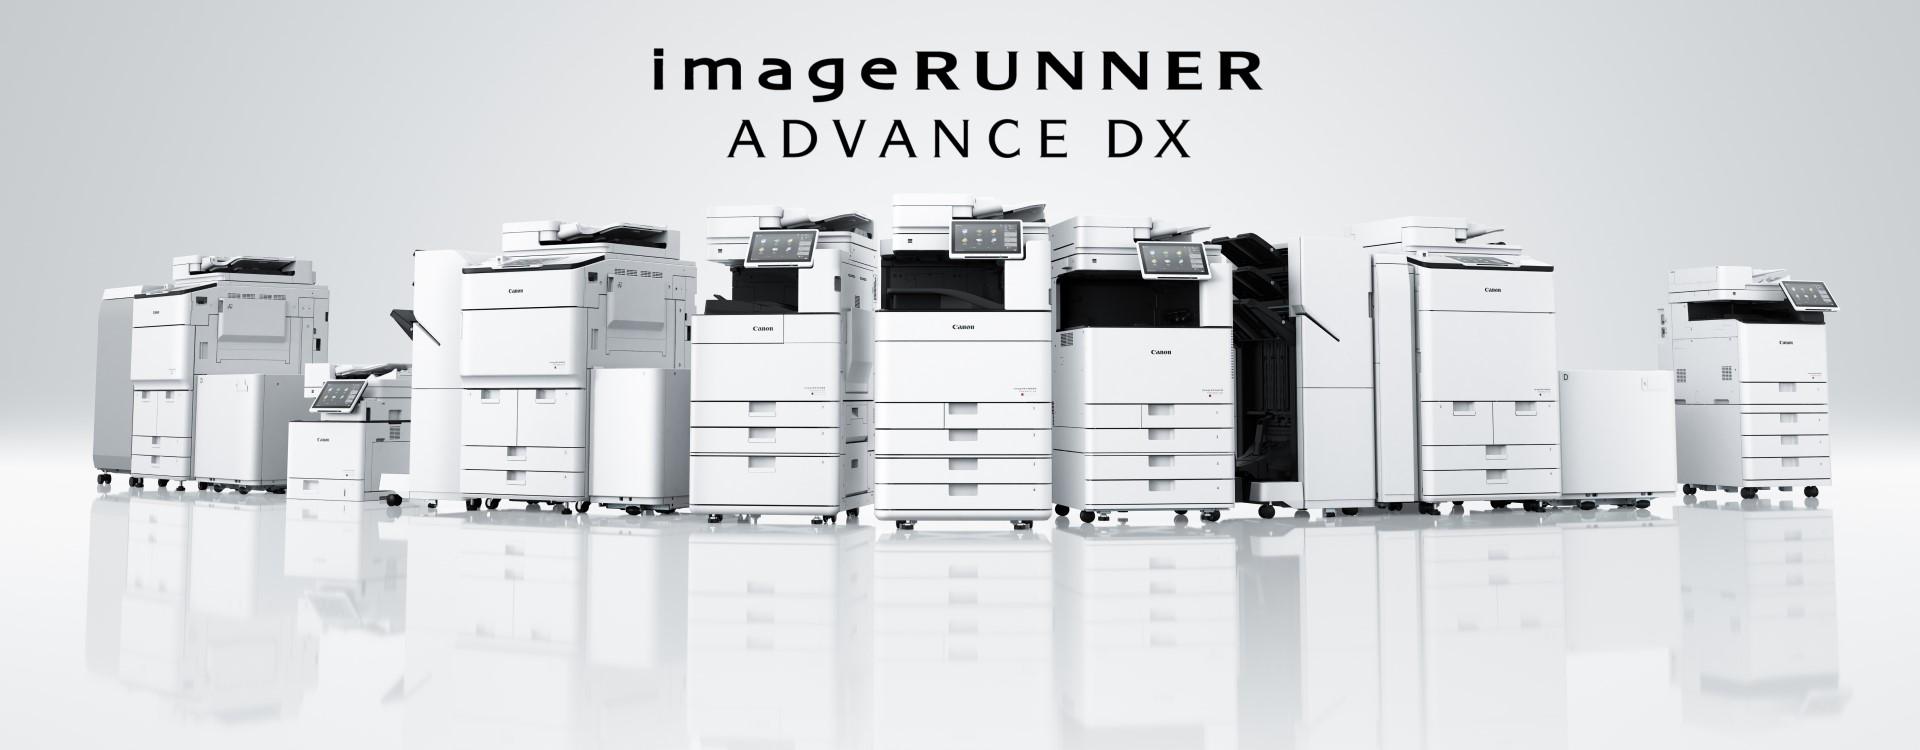 imageRUNNER ADVANCE DX_Banner 4.jpg